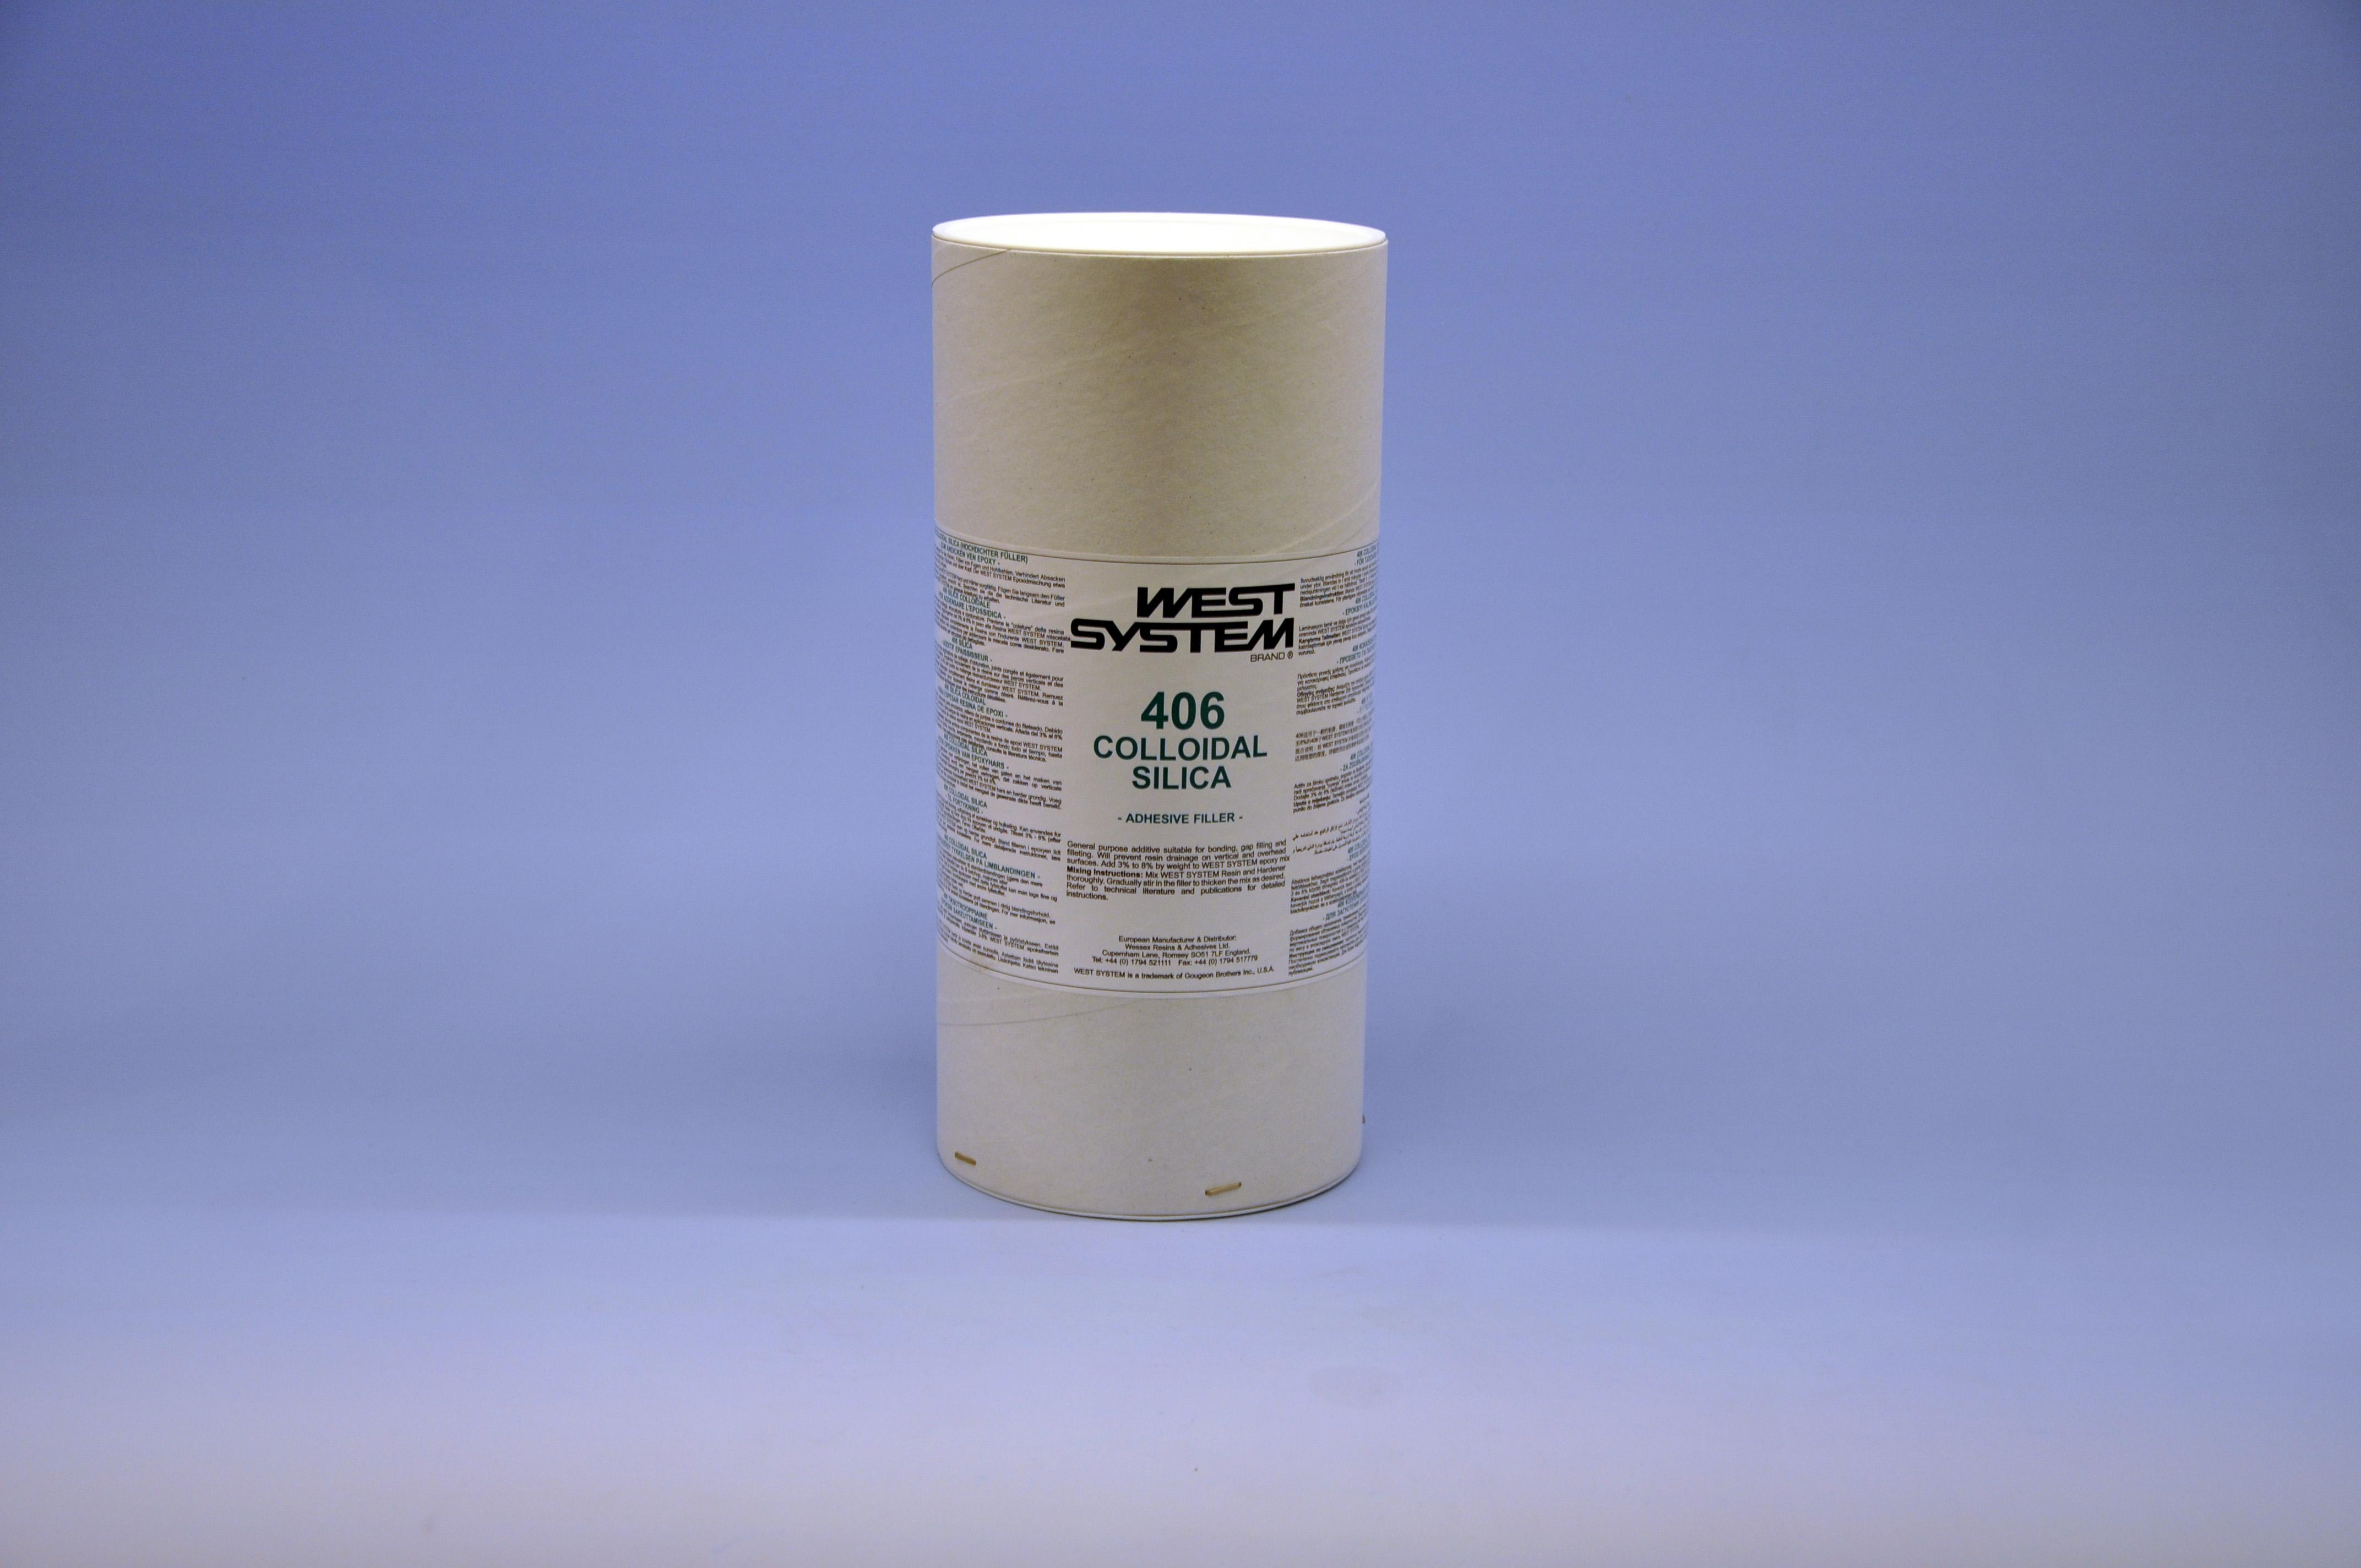 406 collodial silicia 60 g